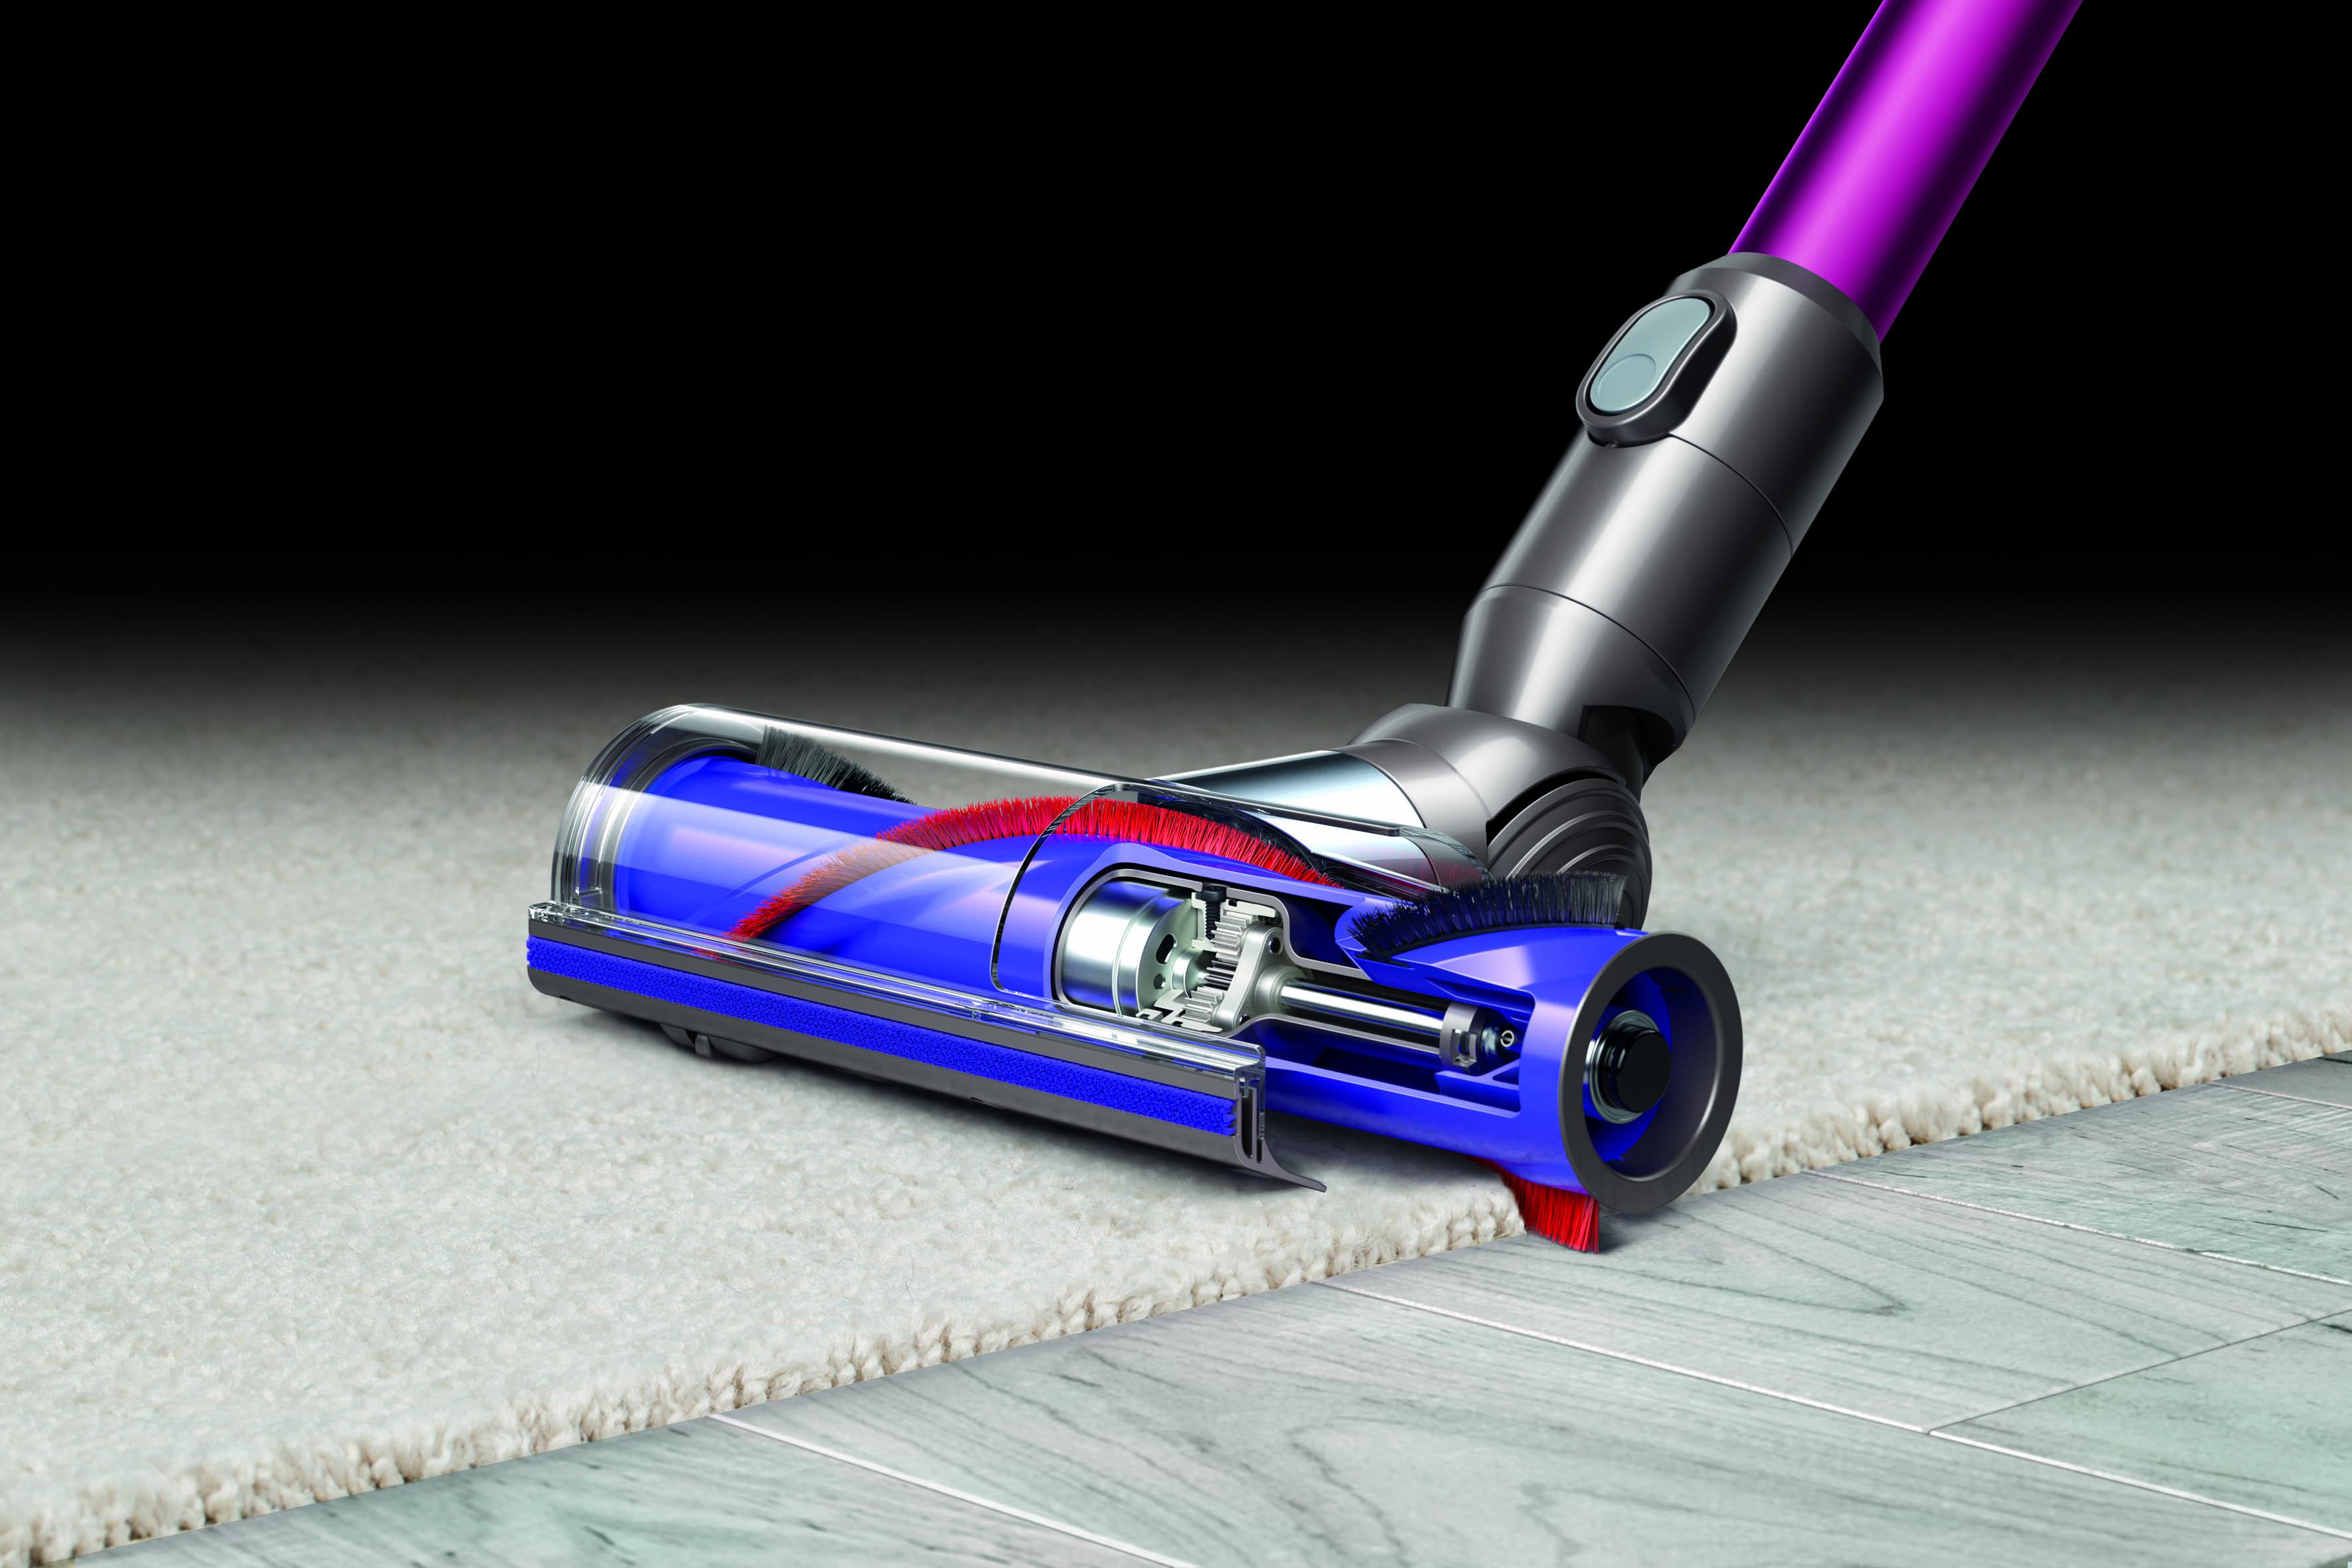 Моющие пылесосы дайсон моющий пылесос зарядное устройство для пылесоса dyson